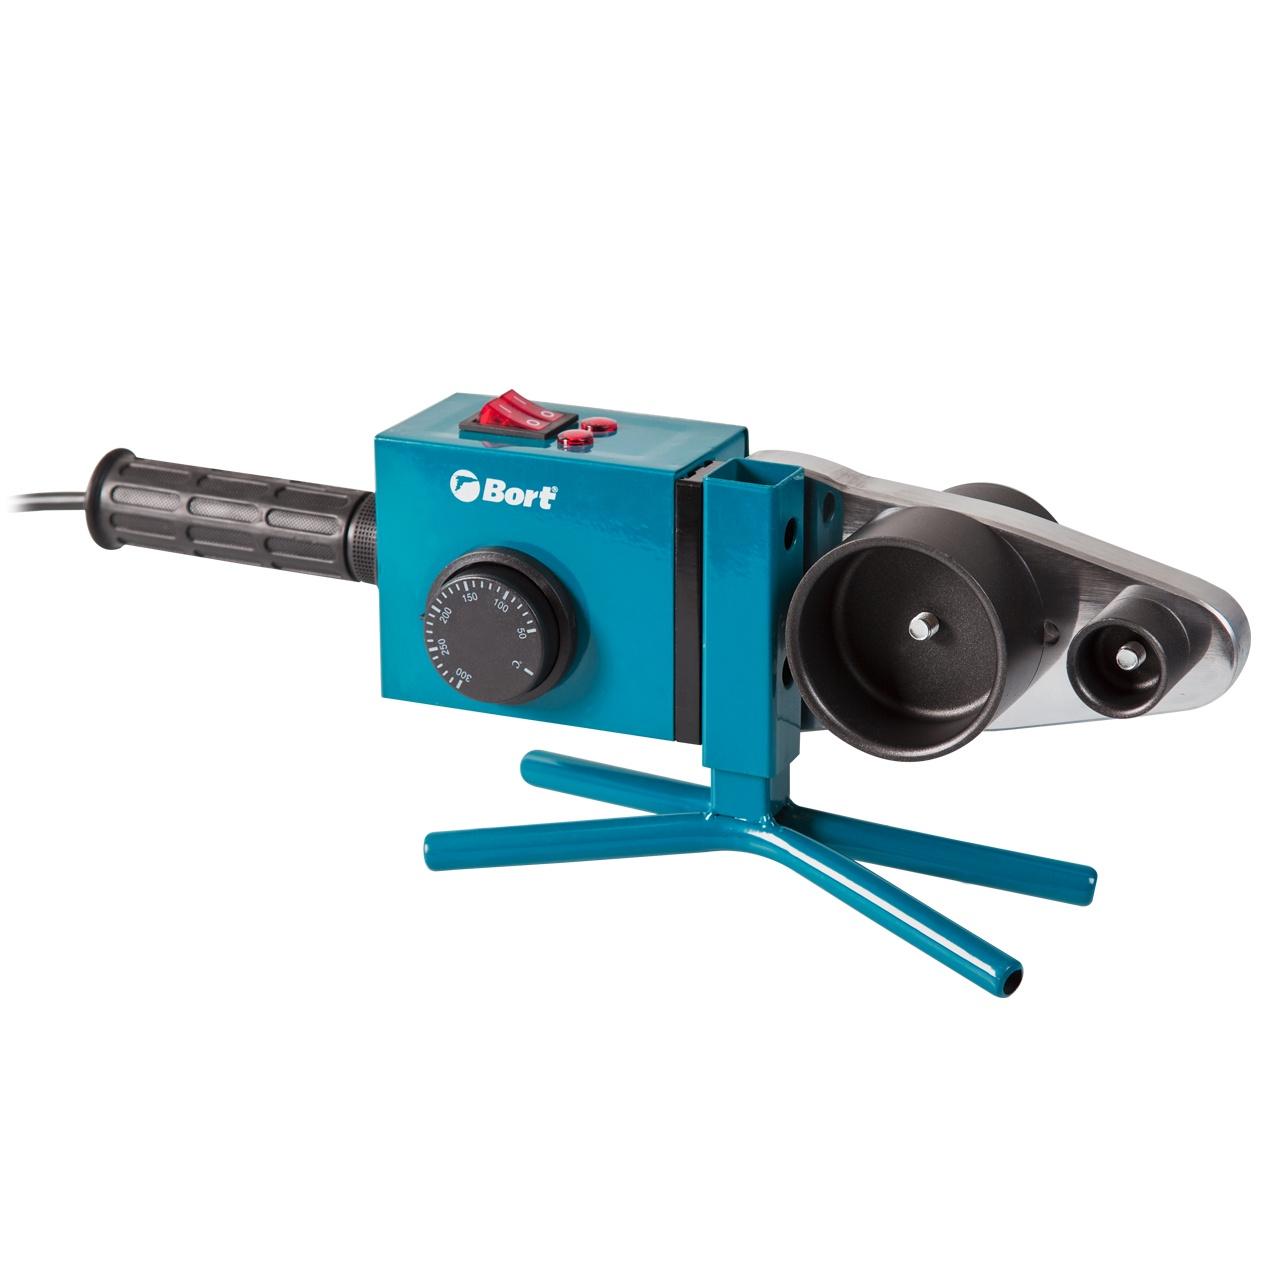 Аппарат для сварки труб Bort BRS-2000 аппарат для сварки пластиковых труб калибр сва 900т